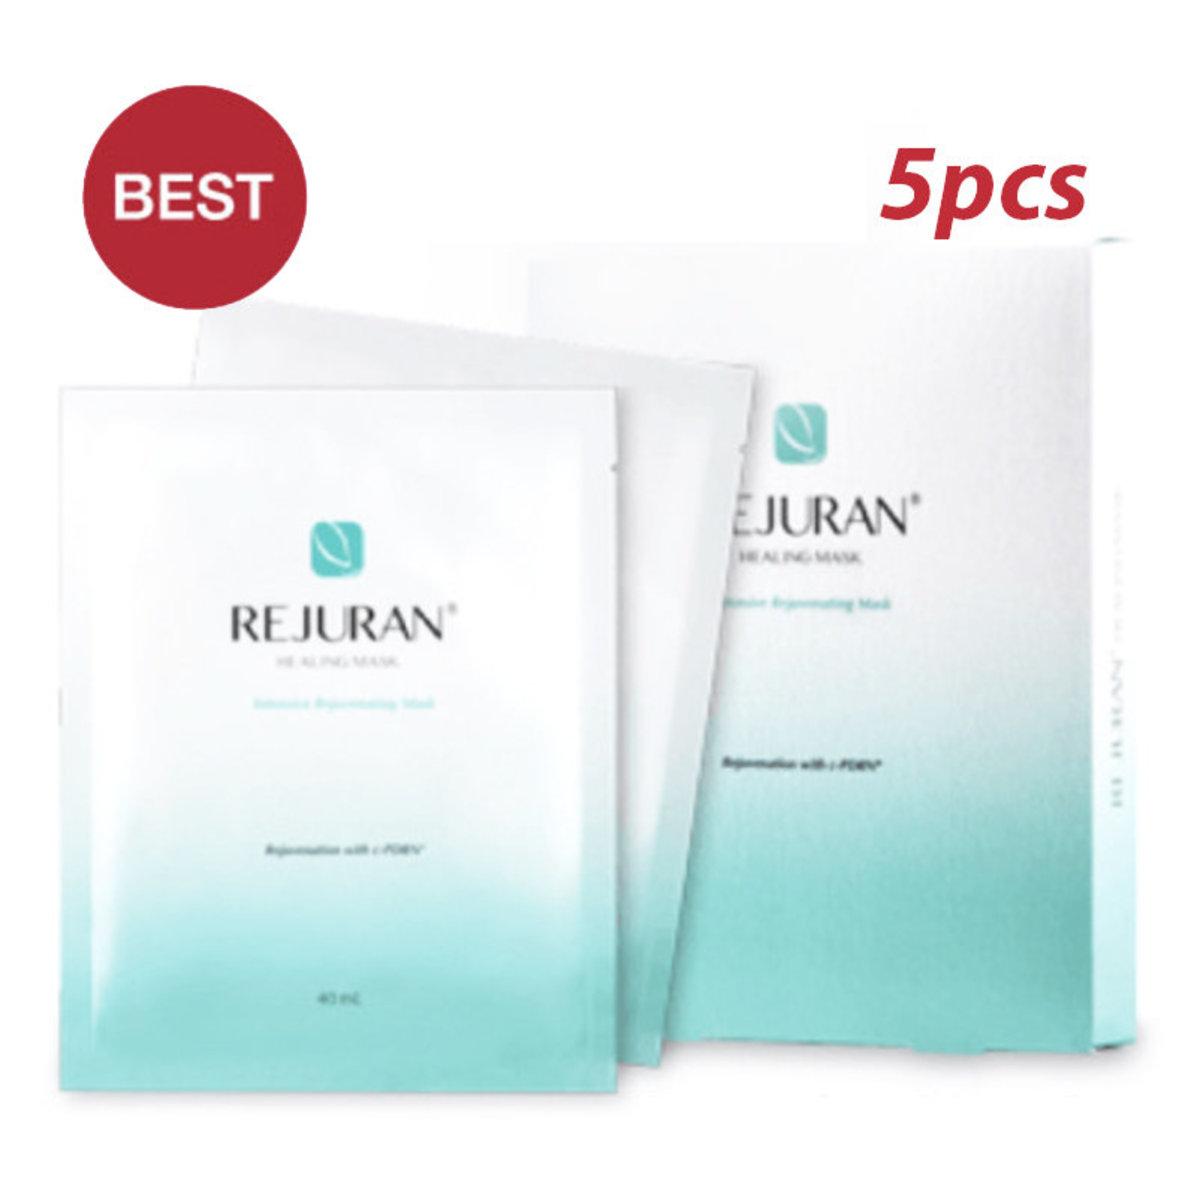 韓國 Rejuran 麗珠蘭滋養修復水光針面膜 Healing Mask Intensive Rejuvenating Mask(一盒5片)